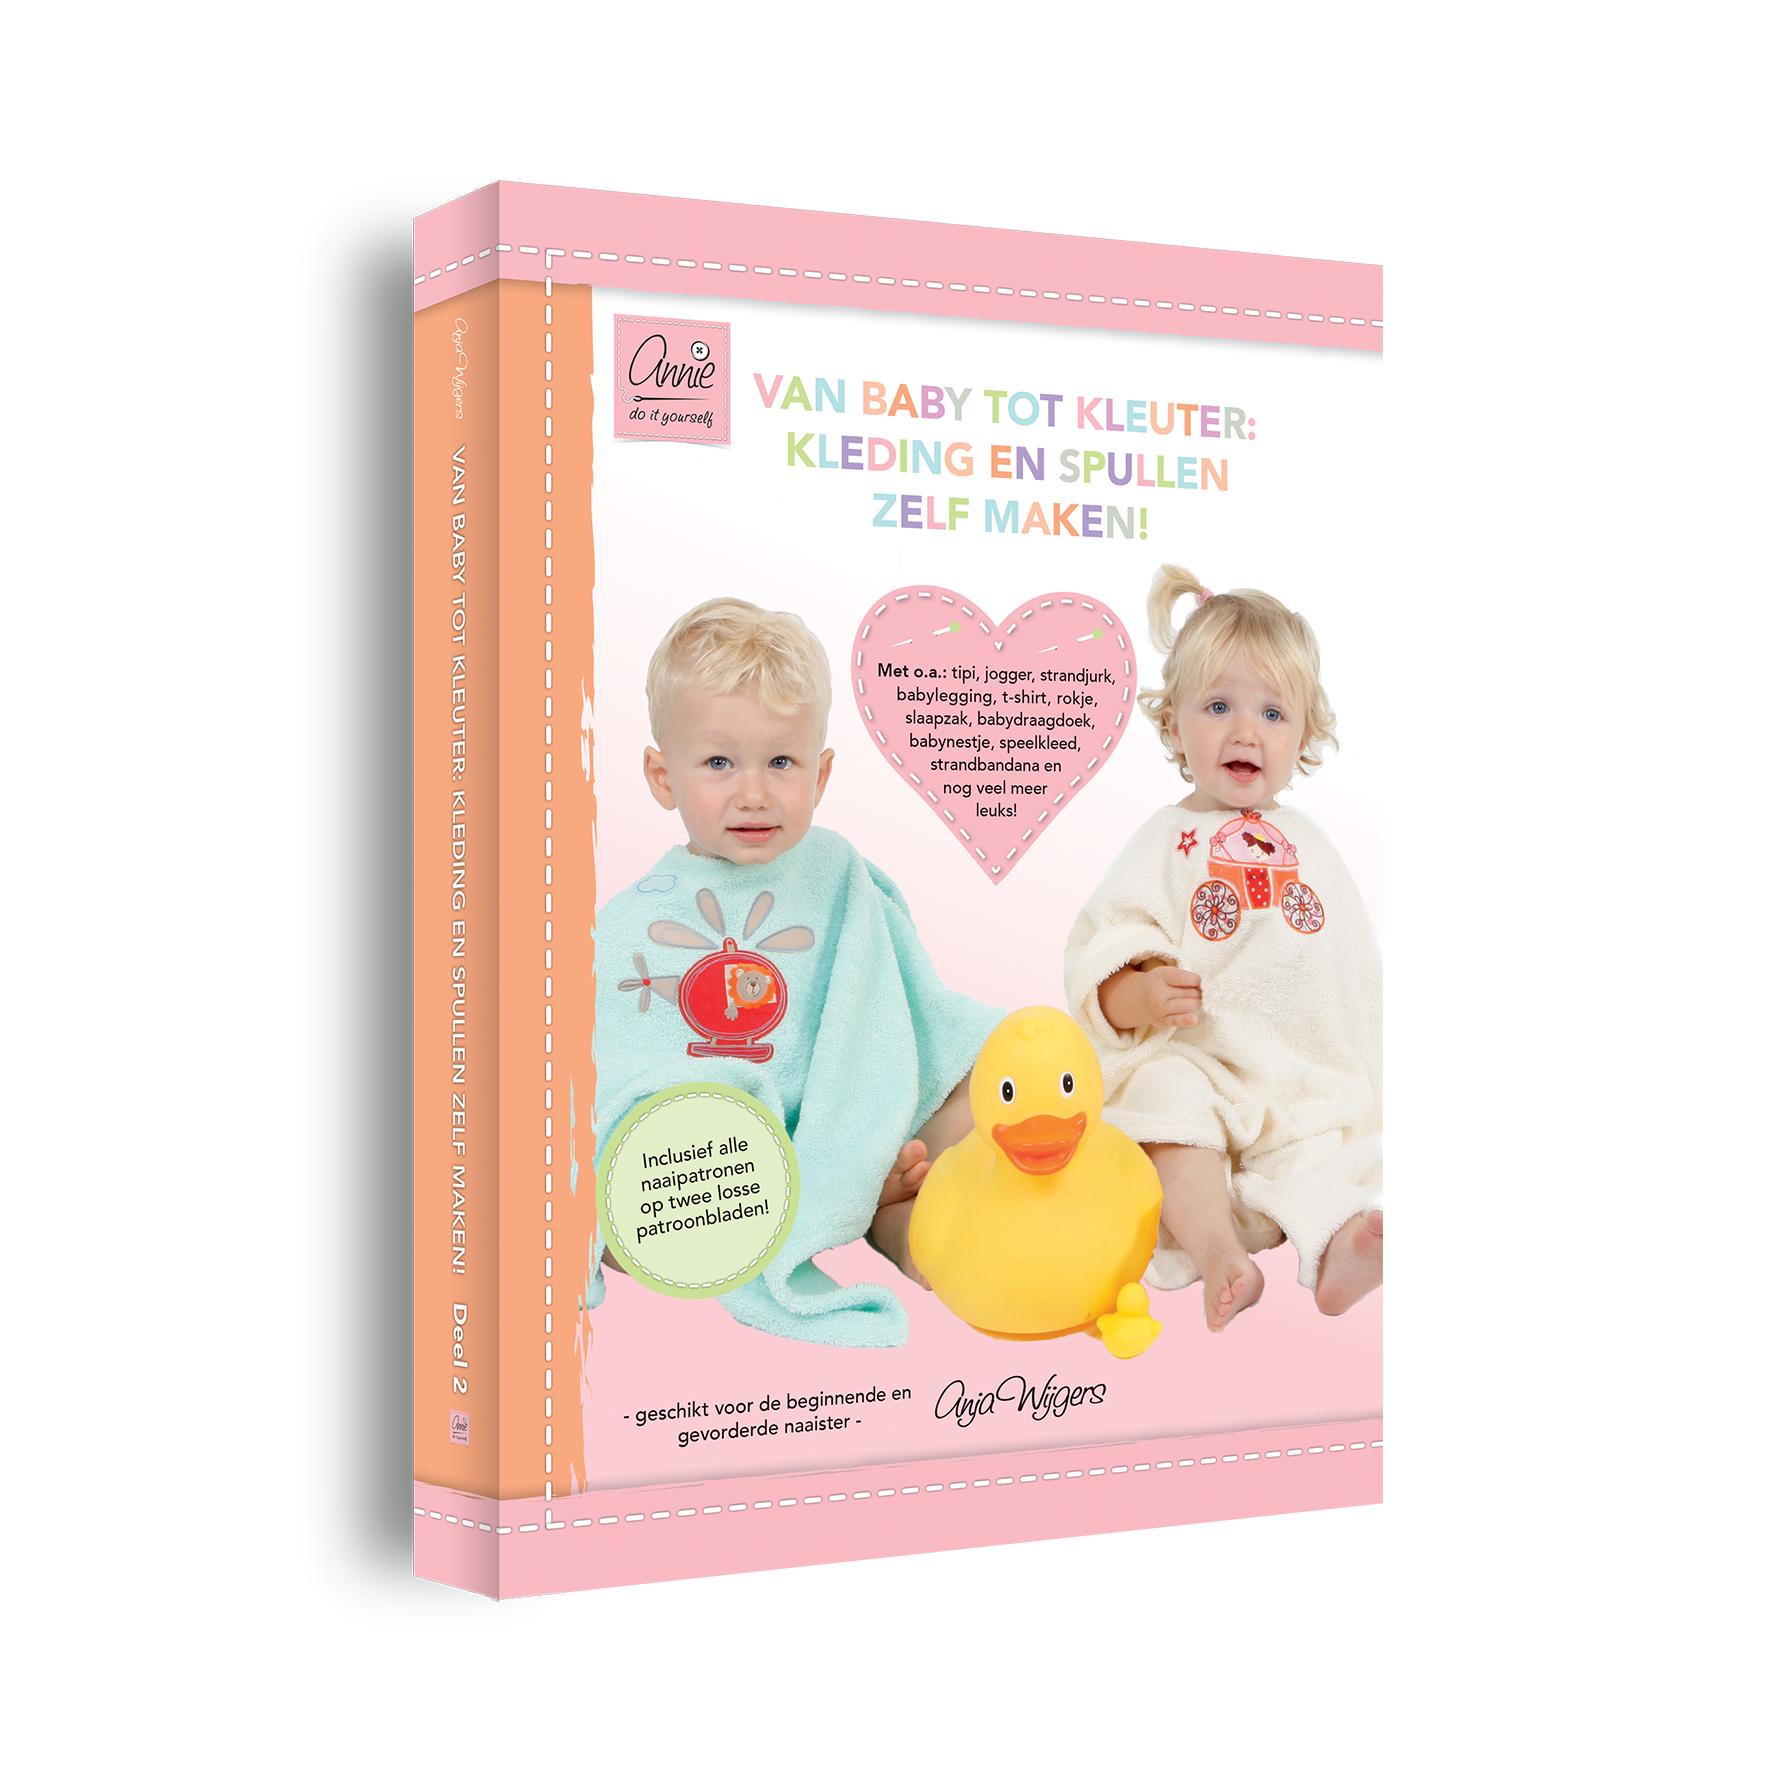 Spullen Voor Baby.Doe Het Zelf Van Baby Tot Kleuter Kleding En Spullen Zelf Maken